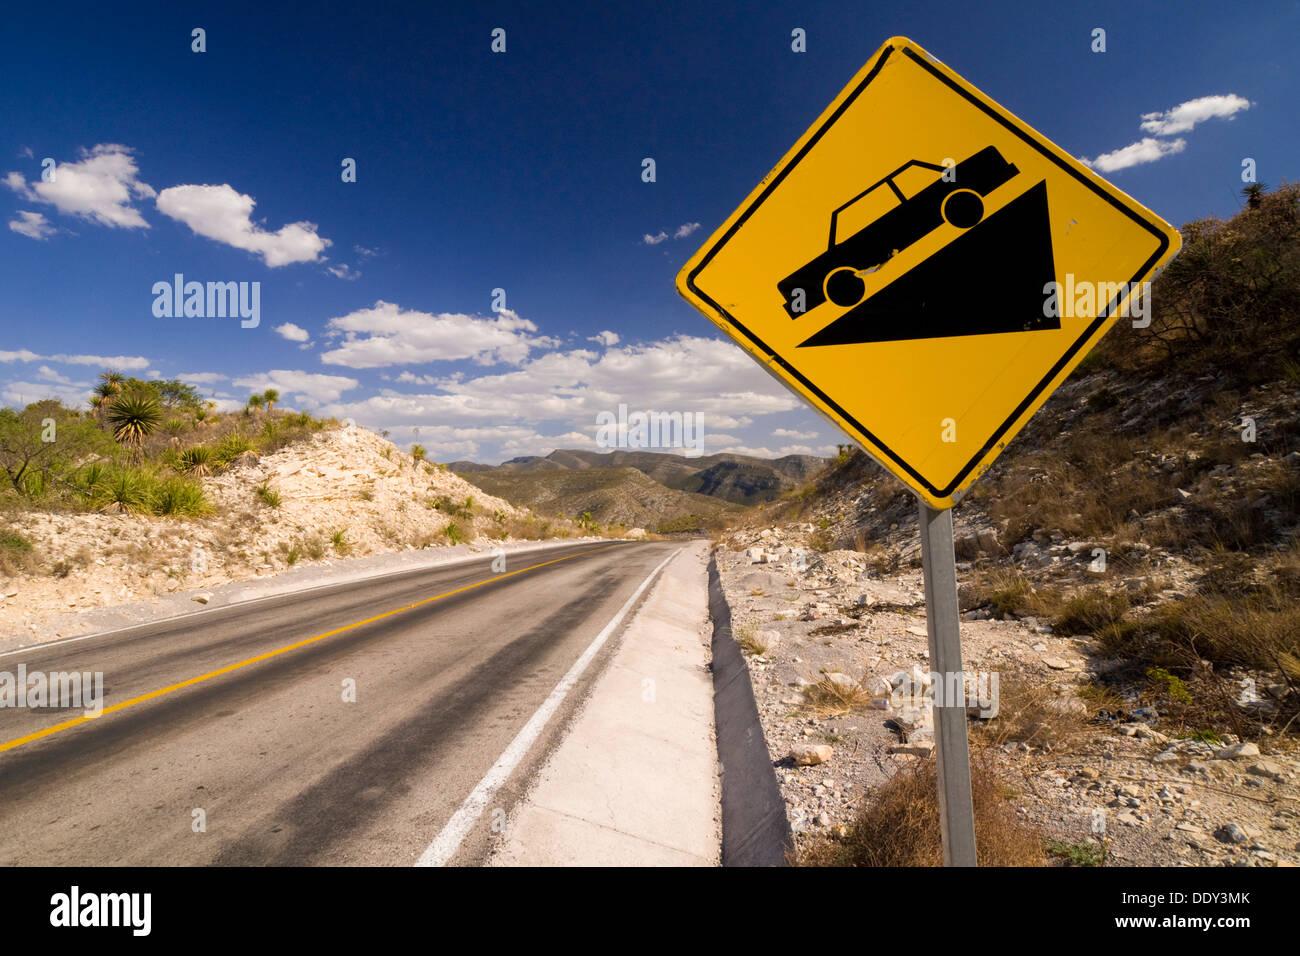 Warnzeichen auf einer abschüssigen Straße Stockbild